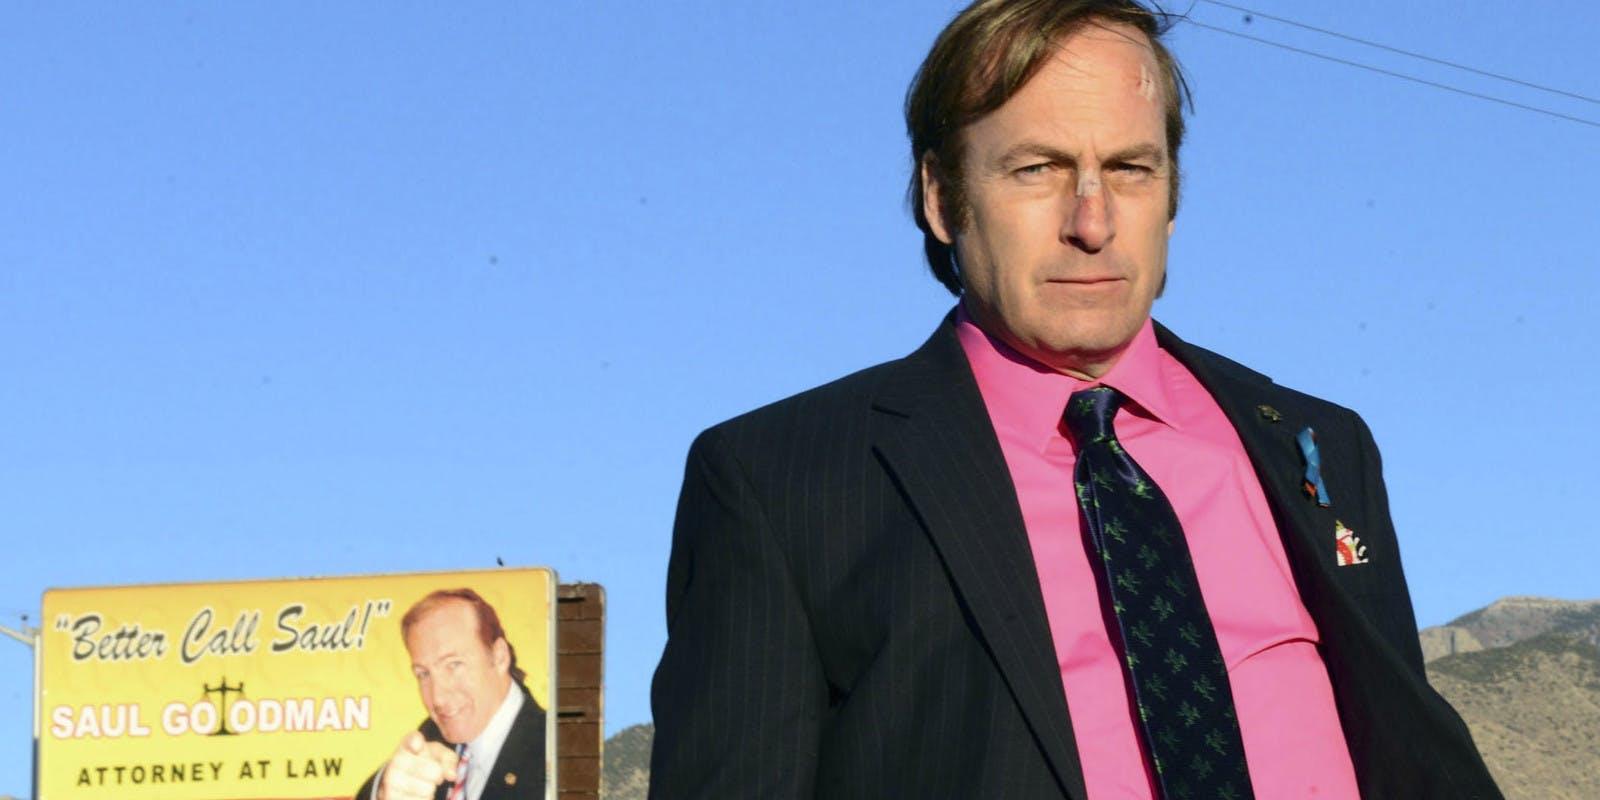 Saul Goodman coi cerotti in faccia di fronte al suo manifesto pubblicitario in cui grida Better Call Saul